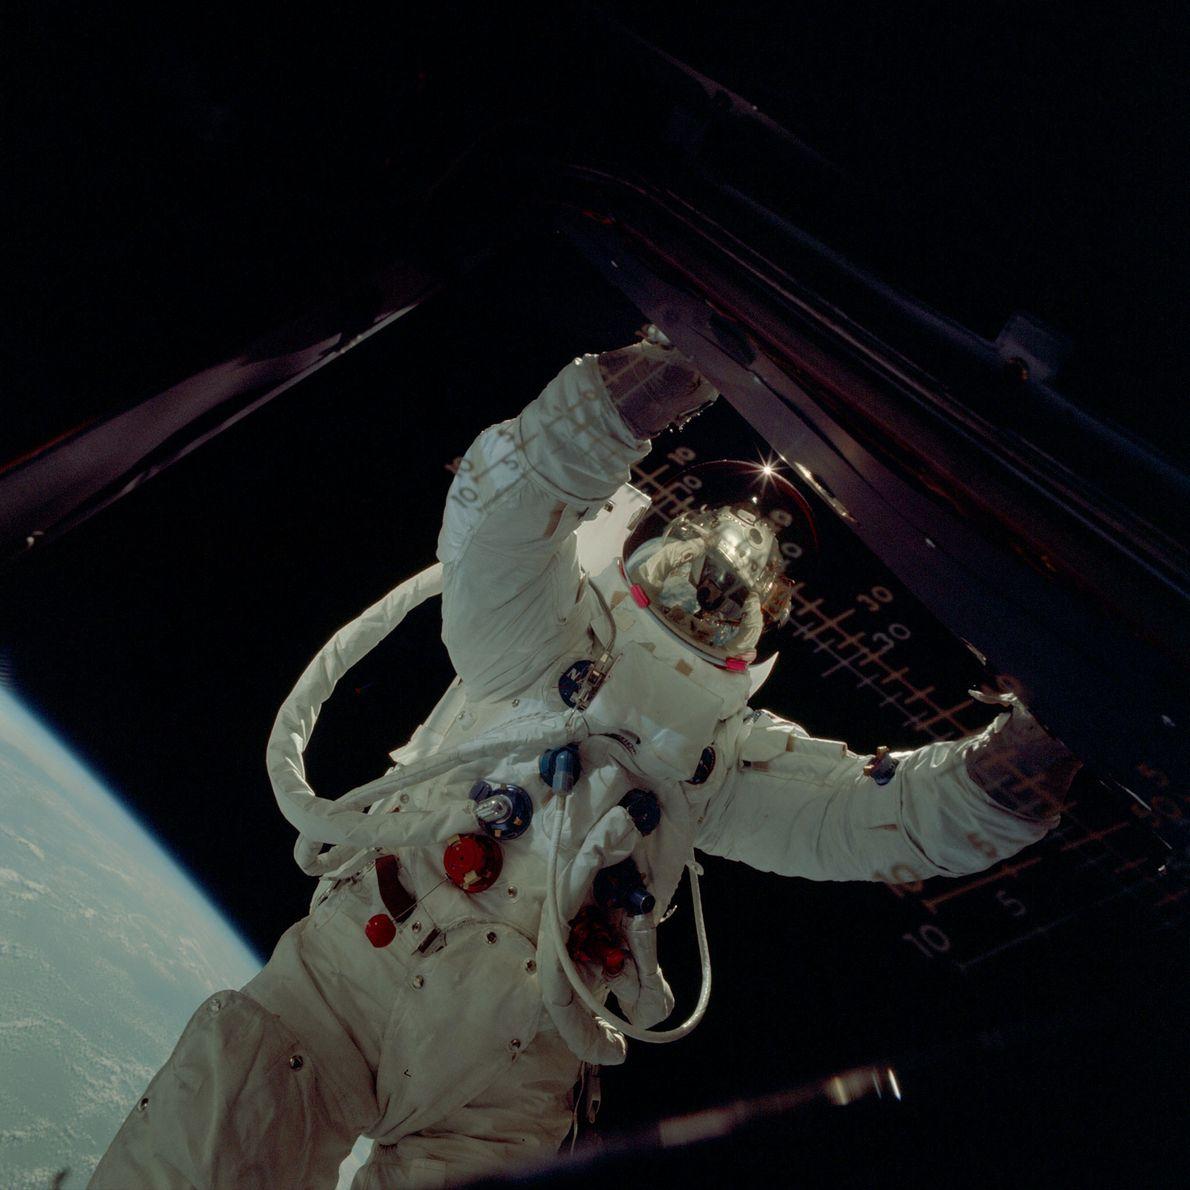 Un astronauta del Apolo en una caminata espacial, fotografiado desde el interior del módulo lunar.